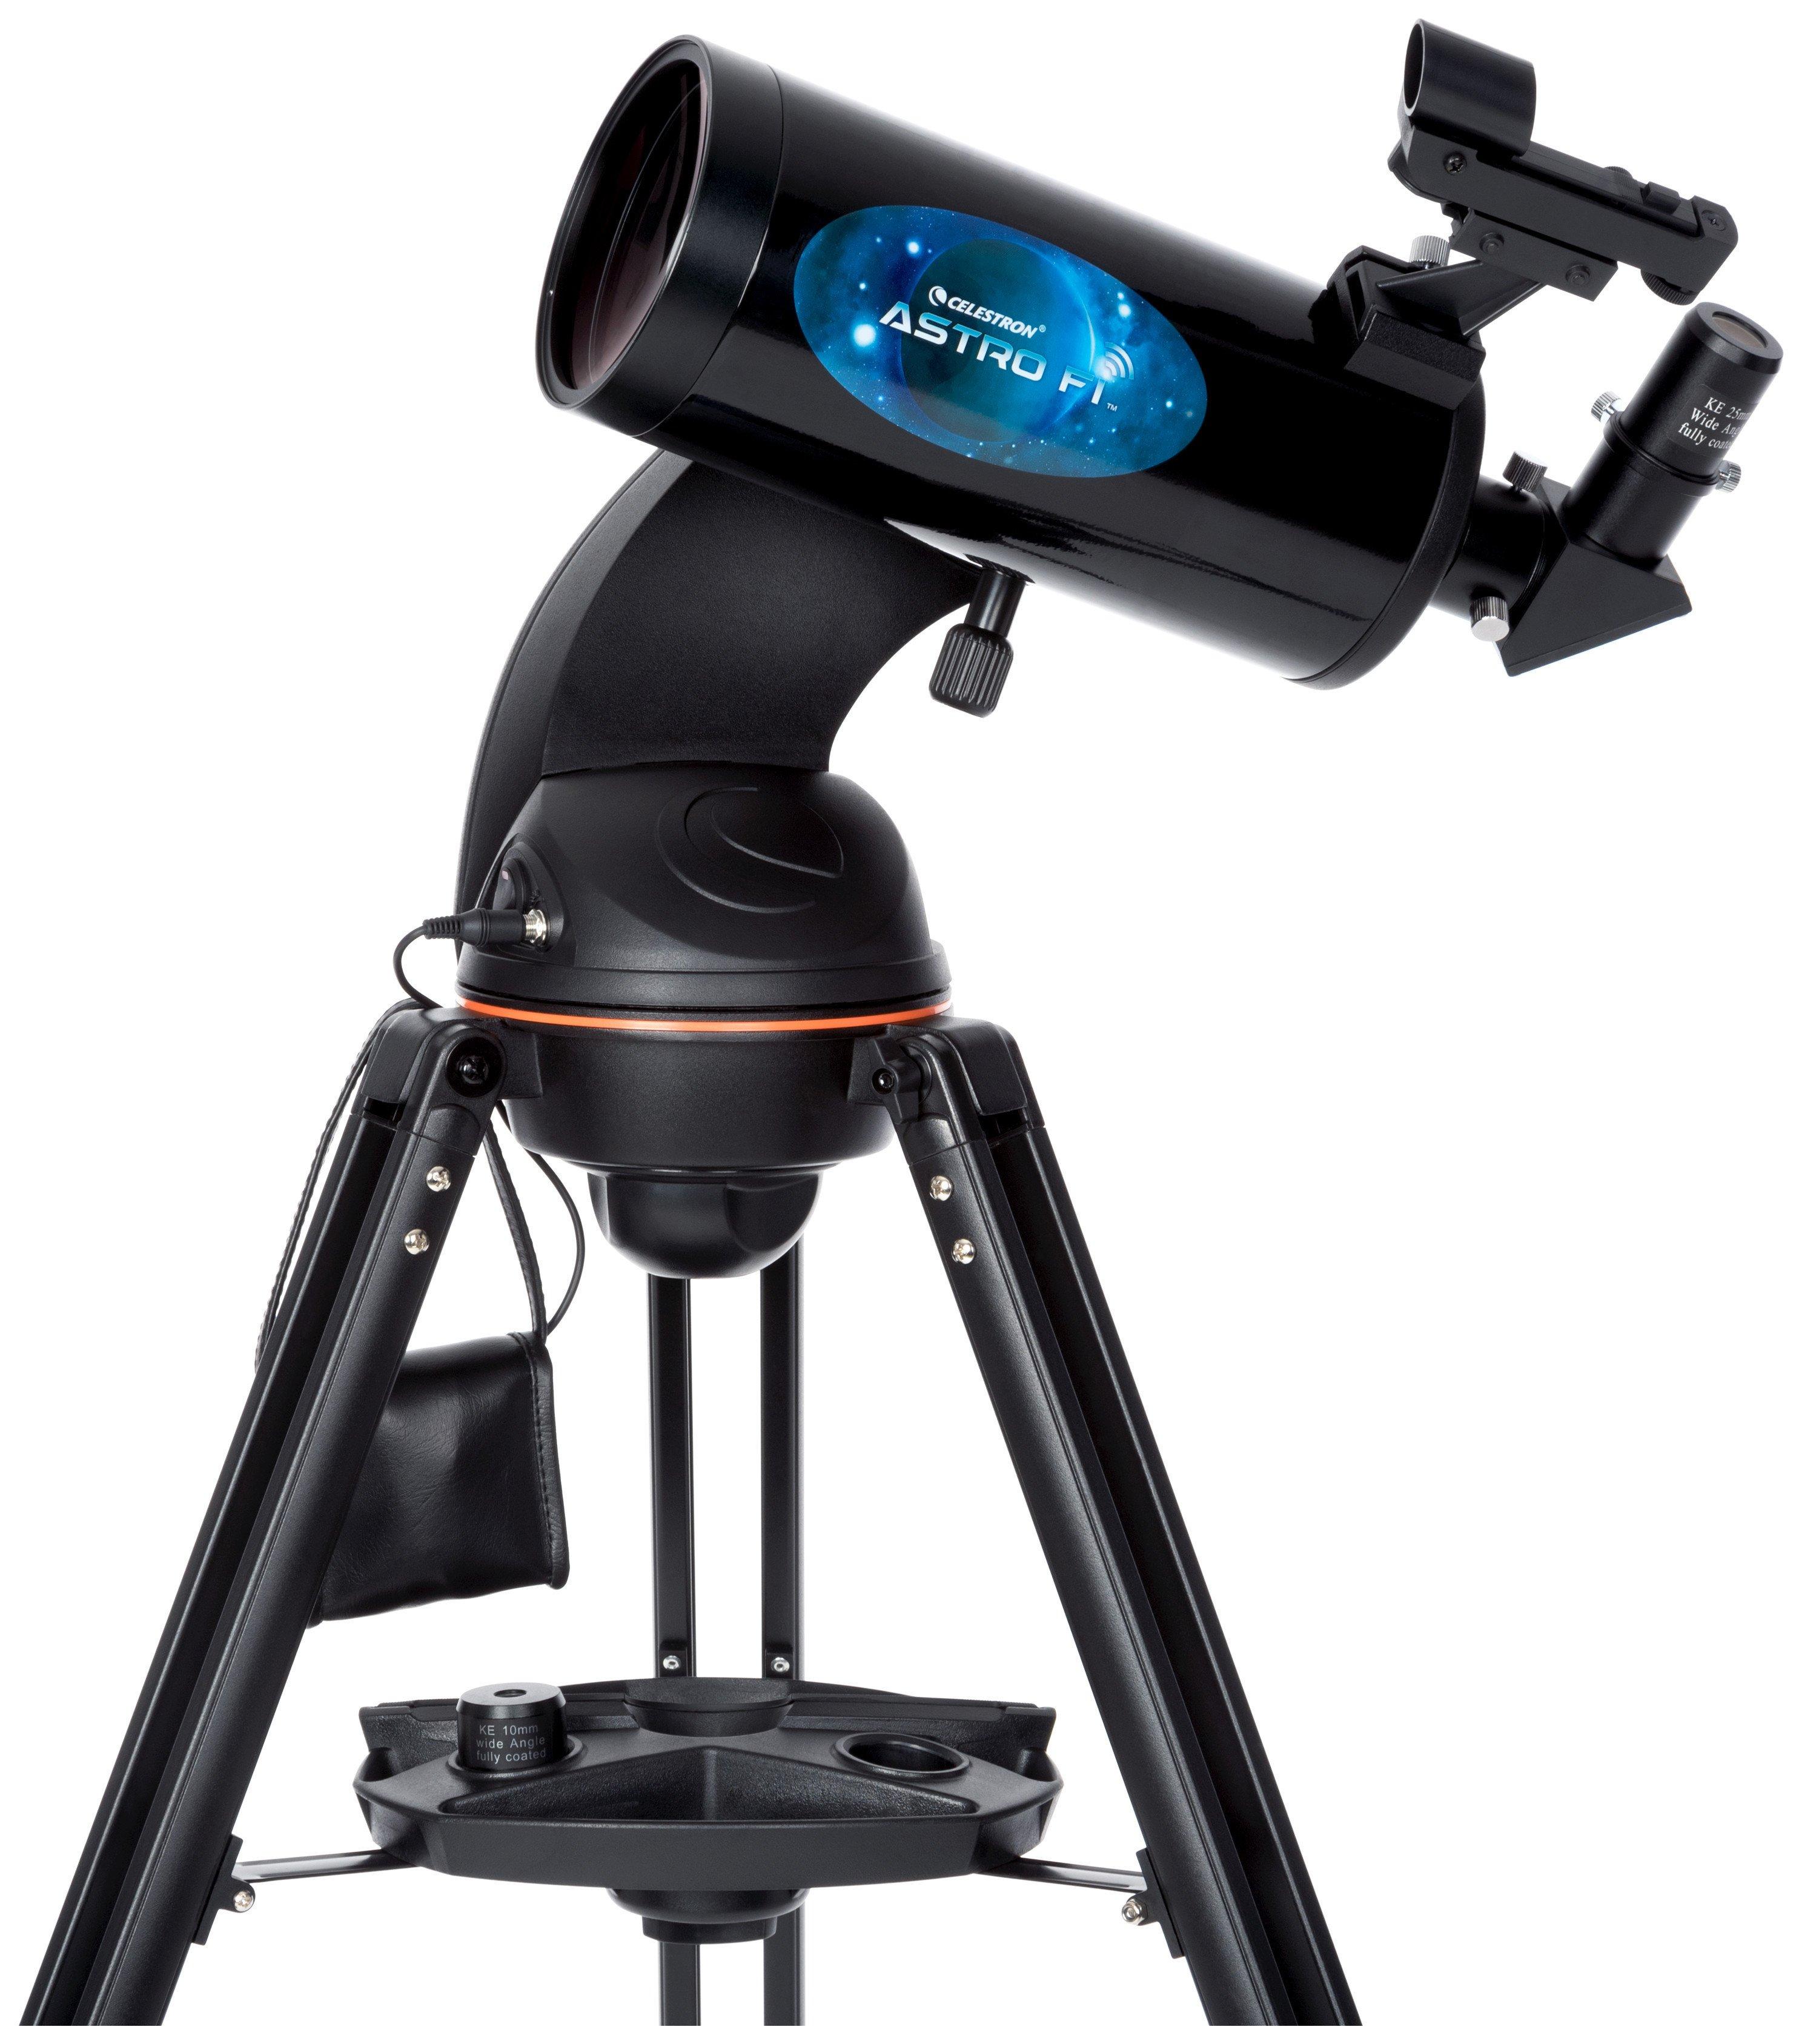 Image of Celestron Astro Fi Telescope.